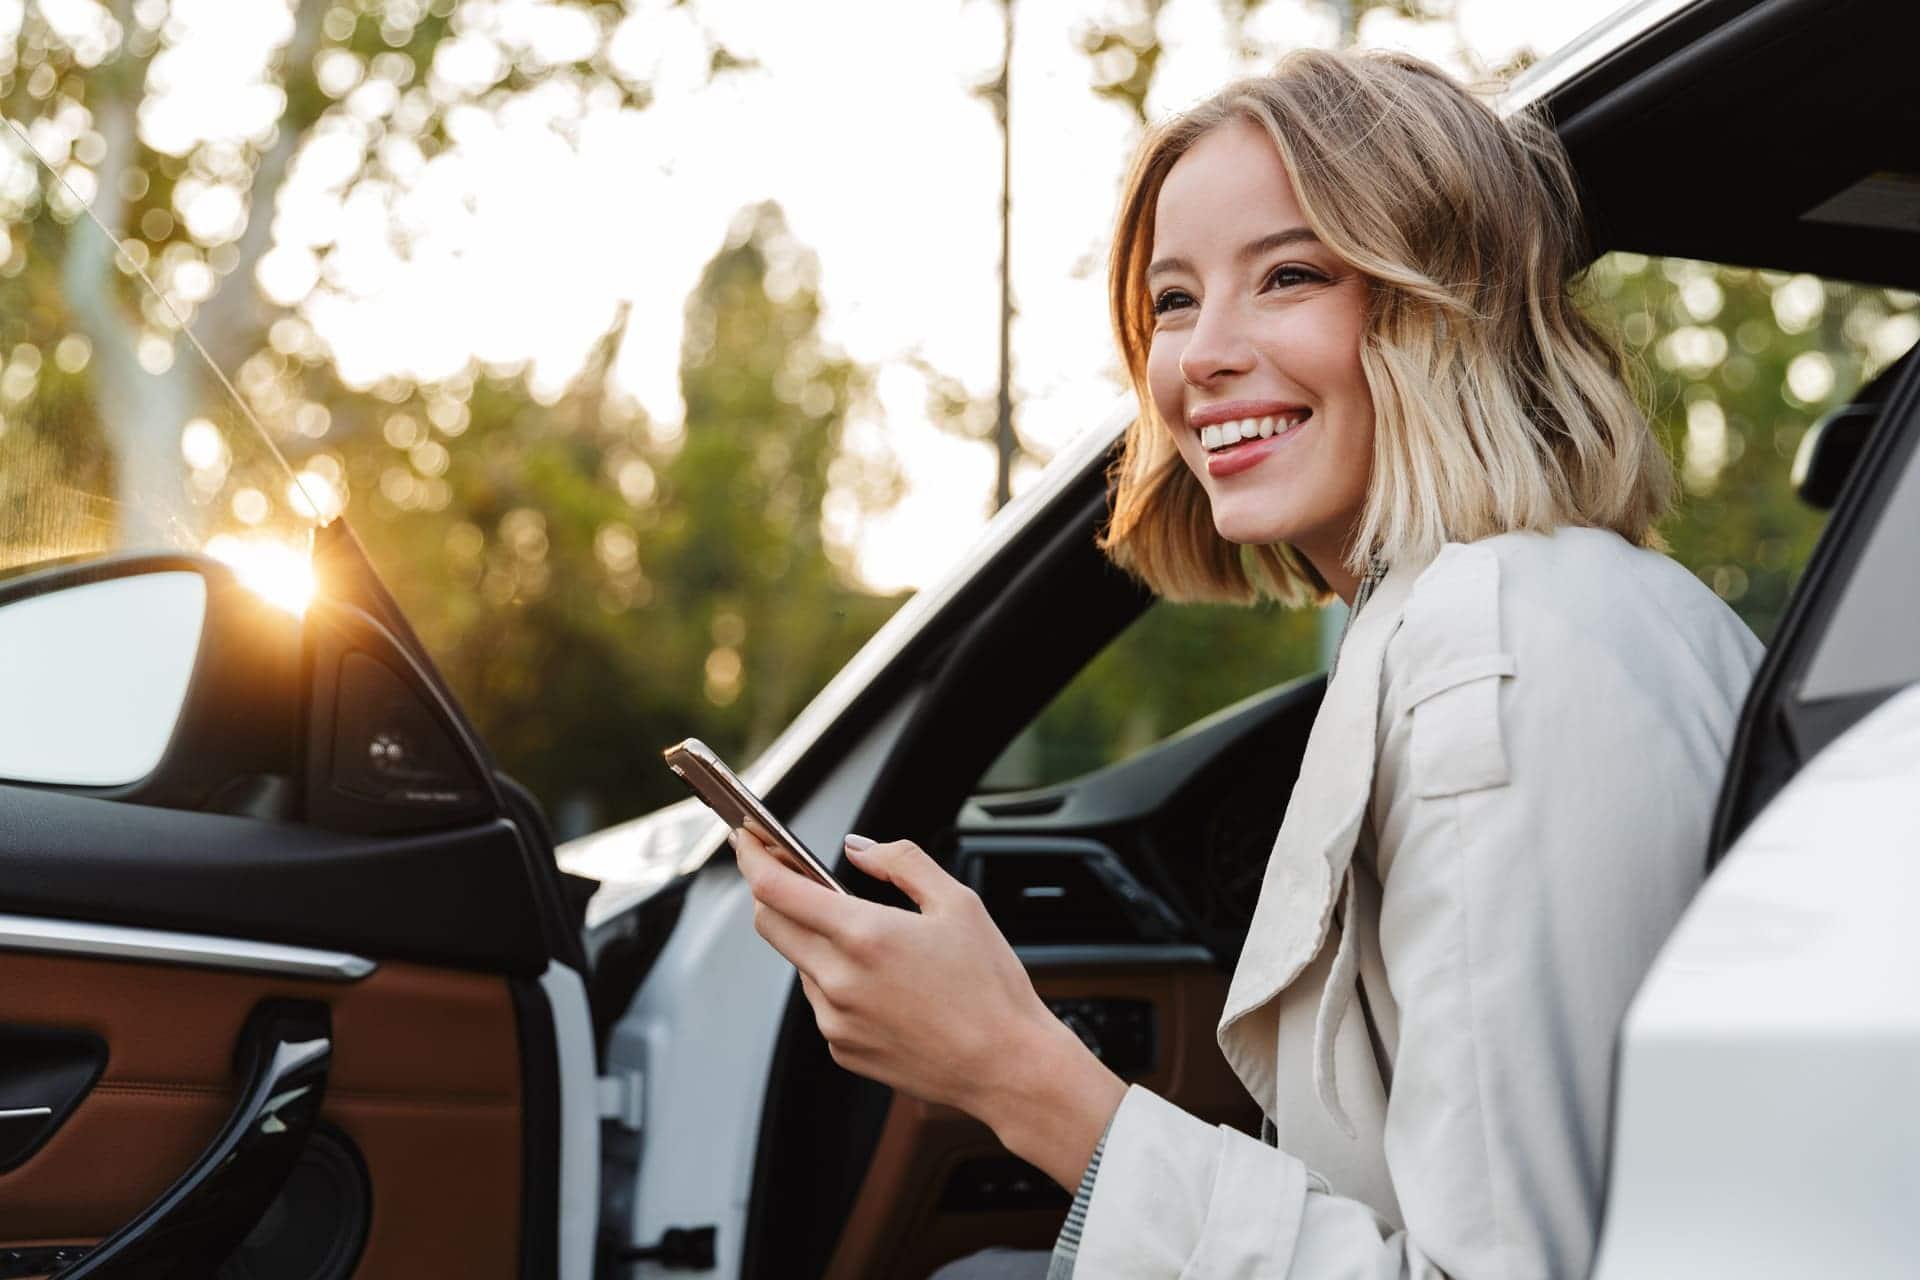 Pourquoi acheter un véhicule certifié ?